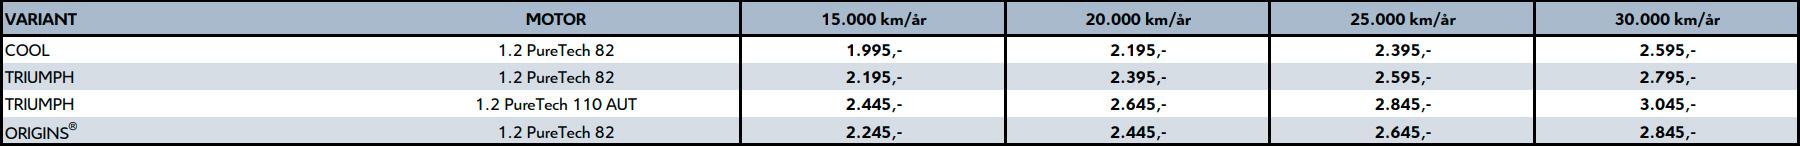 Priser for leasing af Citroën C3